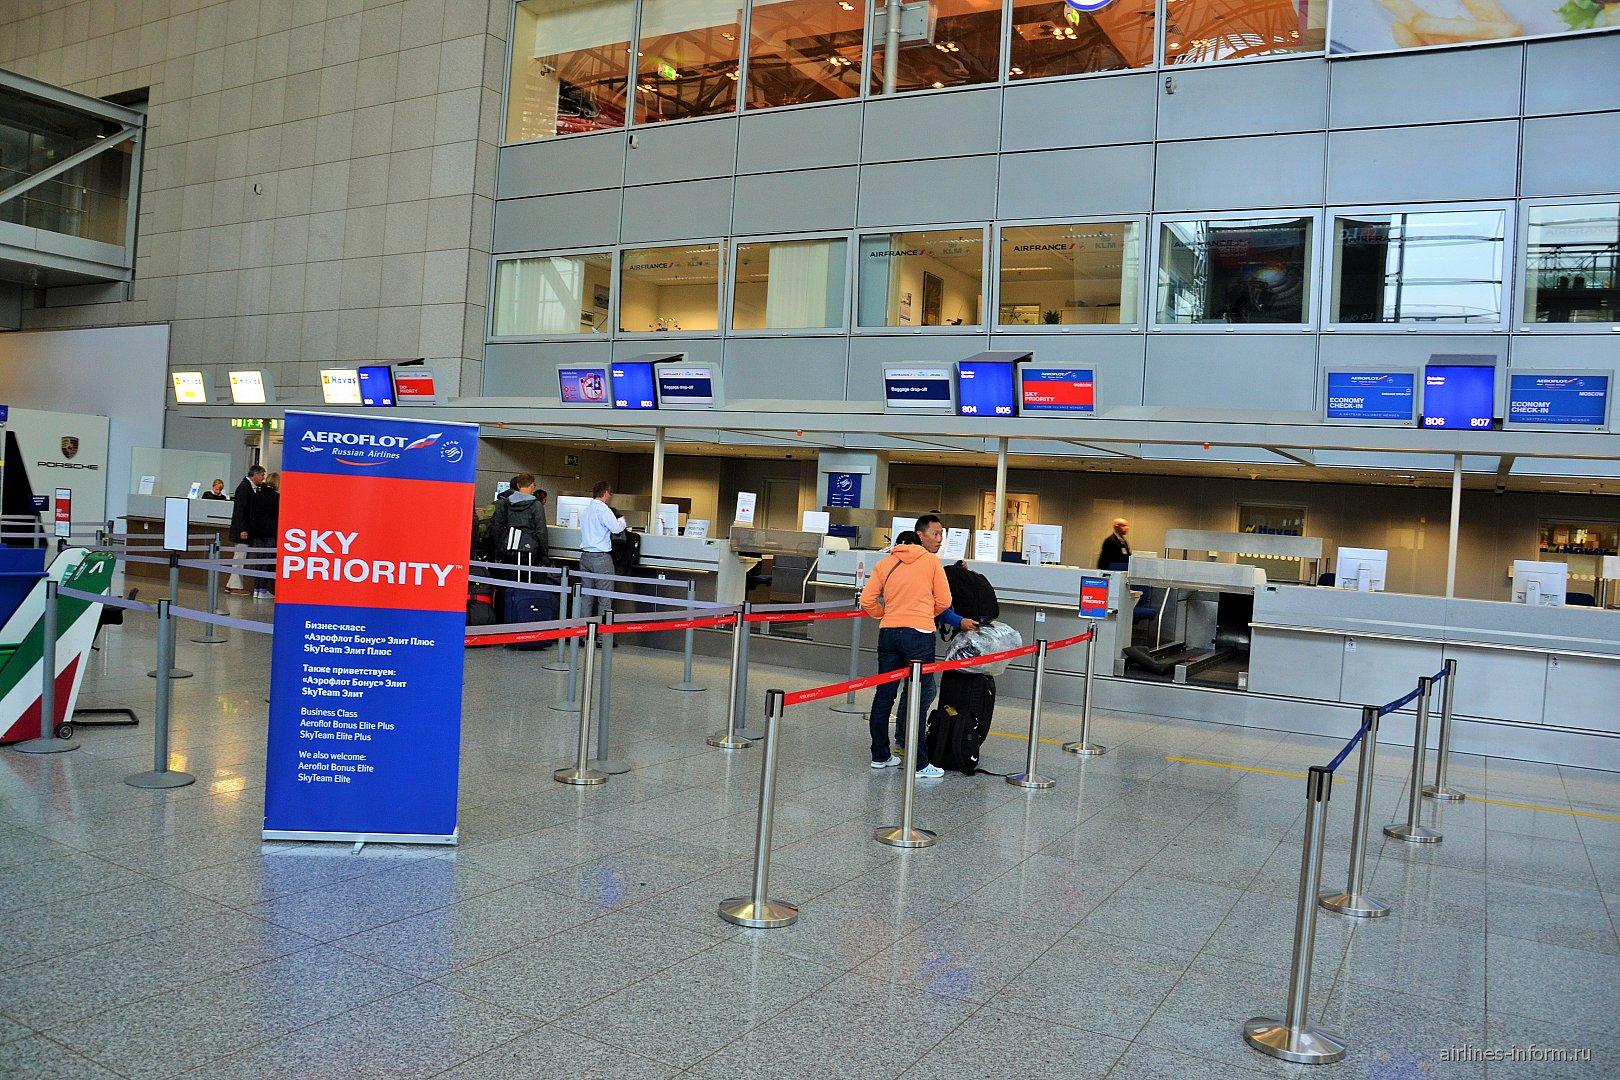 Регистрация на рейс Аэрофлота в терминале 2 аэропорта Франкфурт